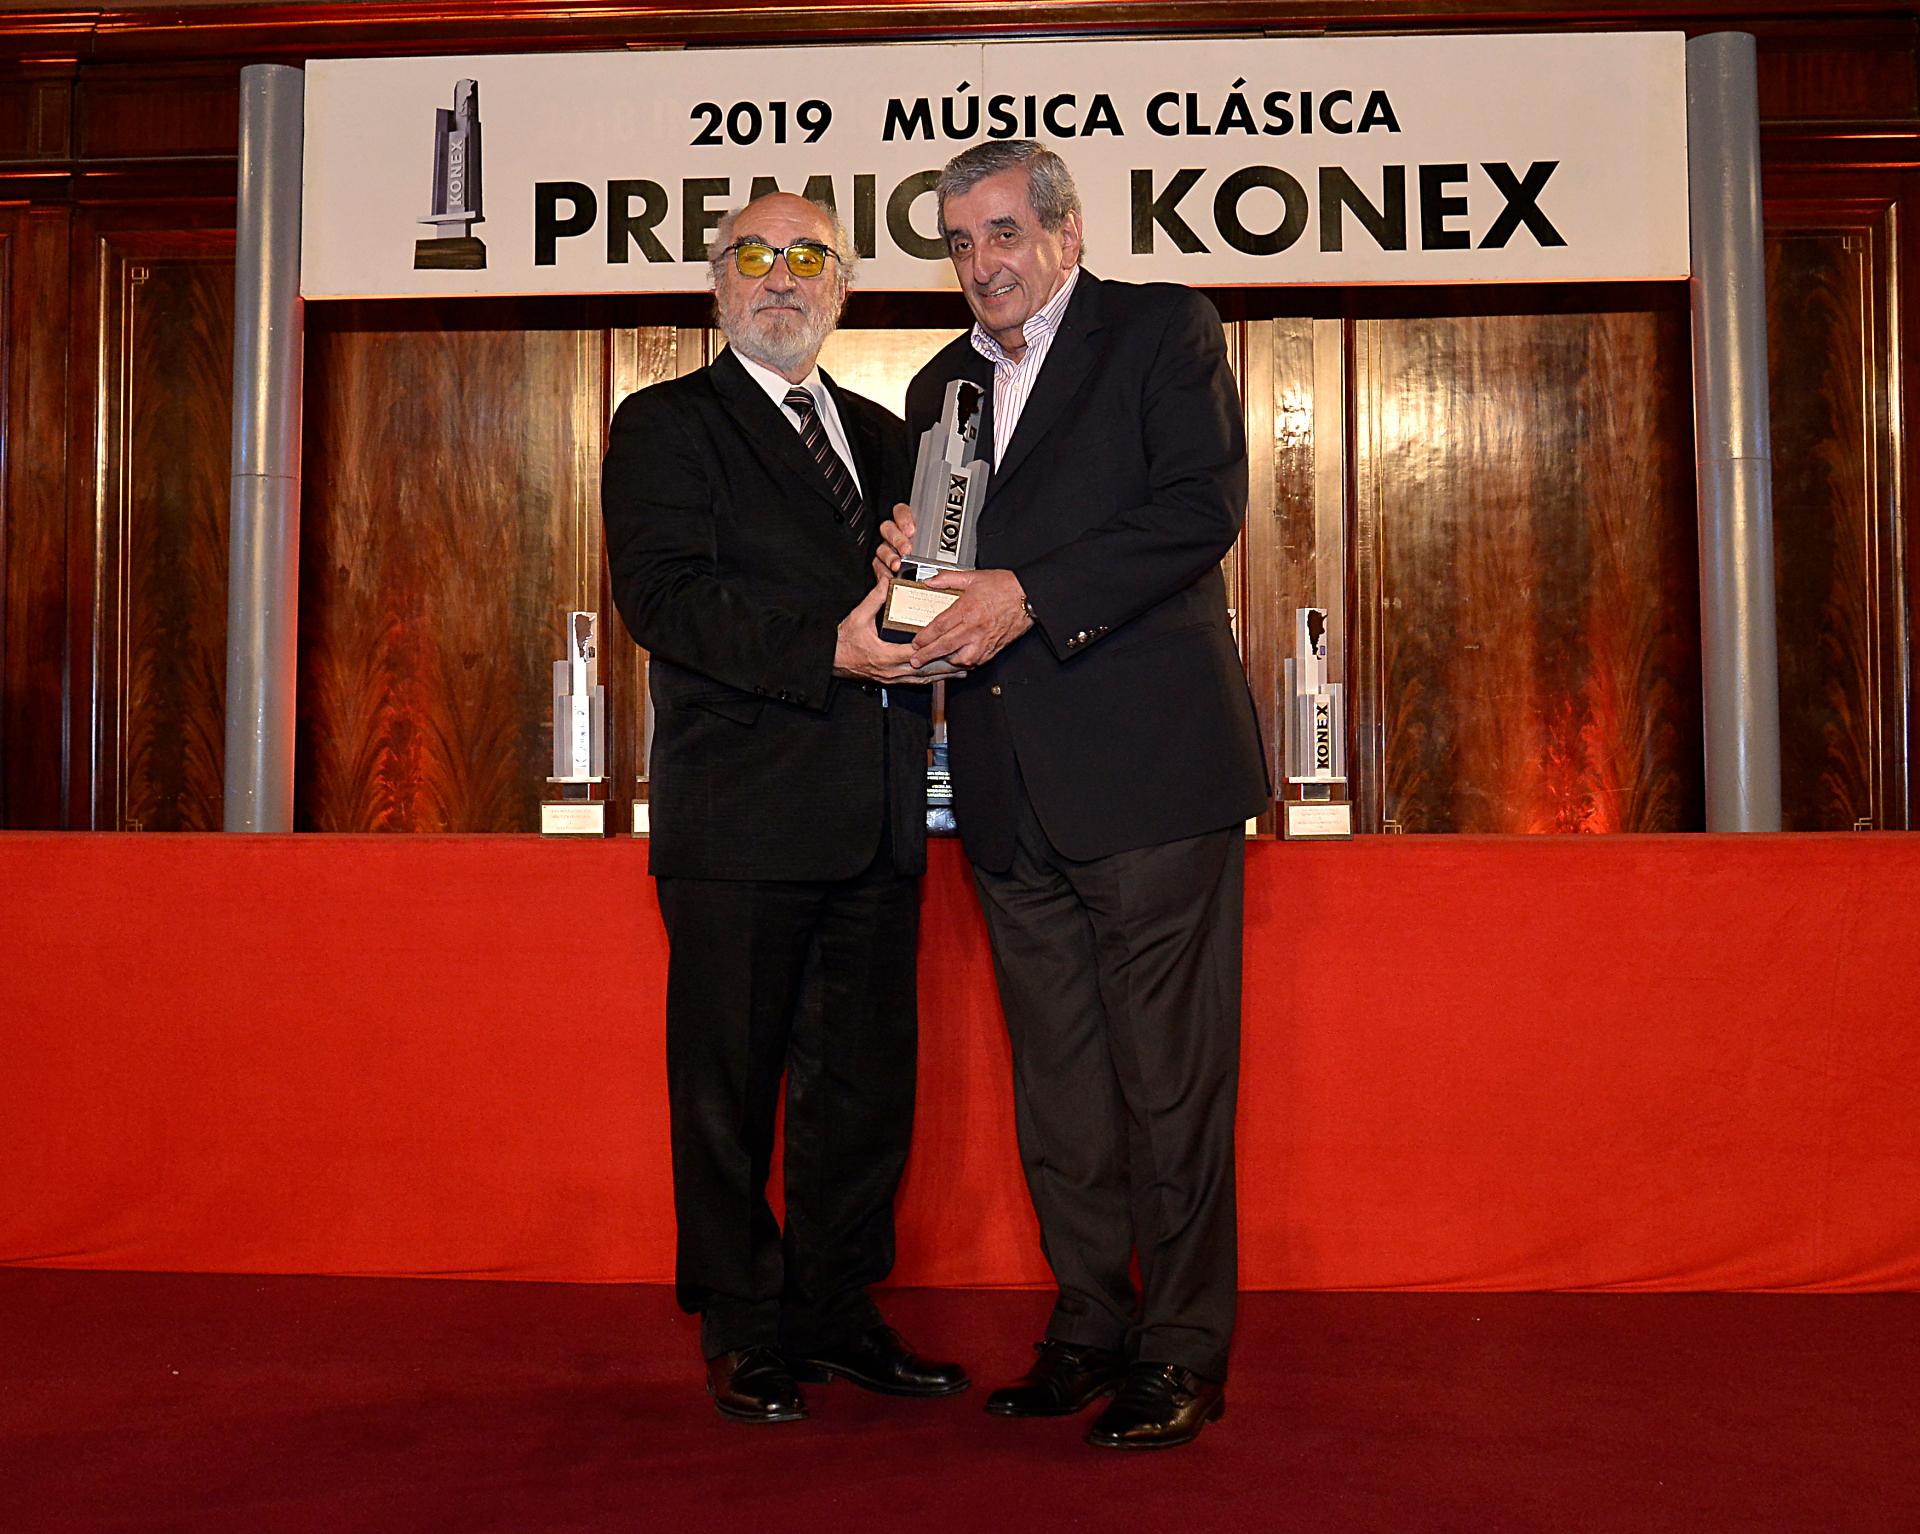 Premio a Marcelo Álvarez que tampoco estuvo presente por compromisos laborales en el exterior